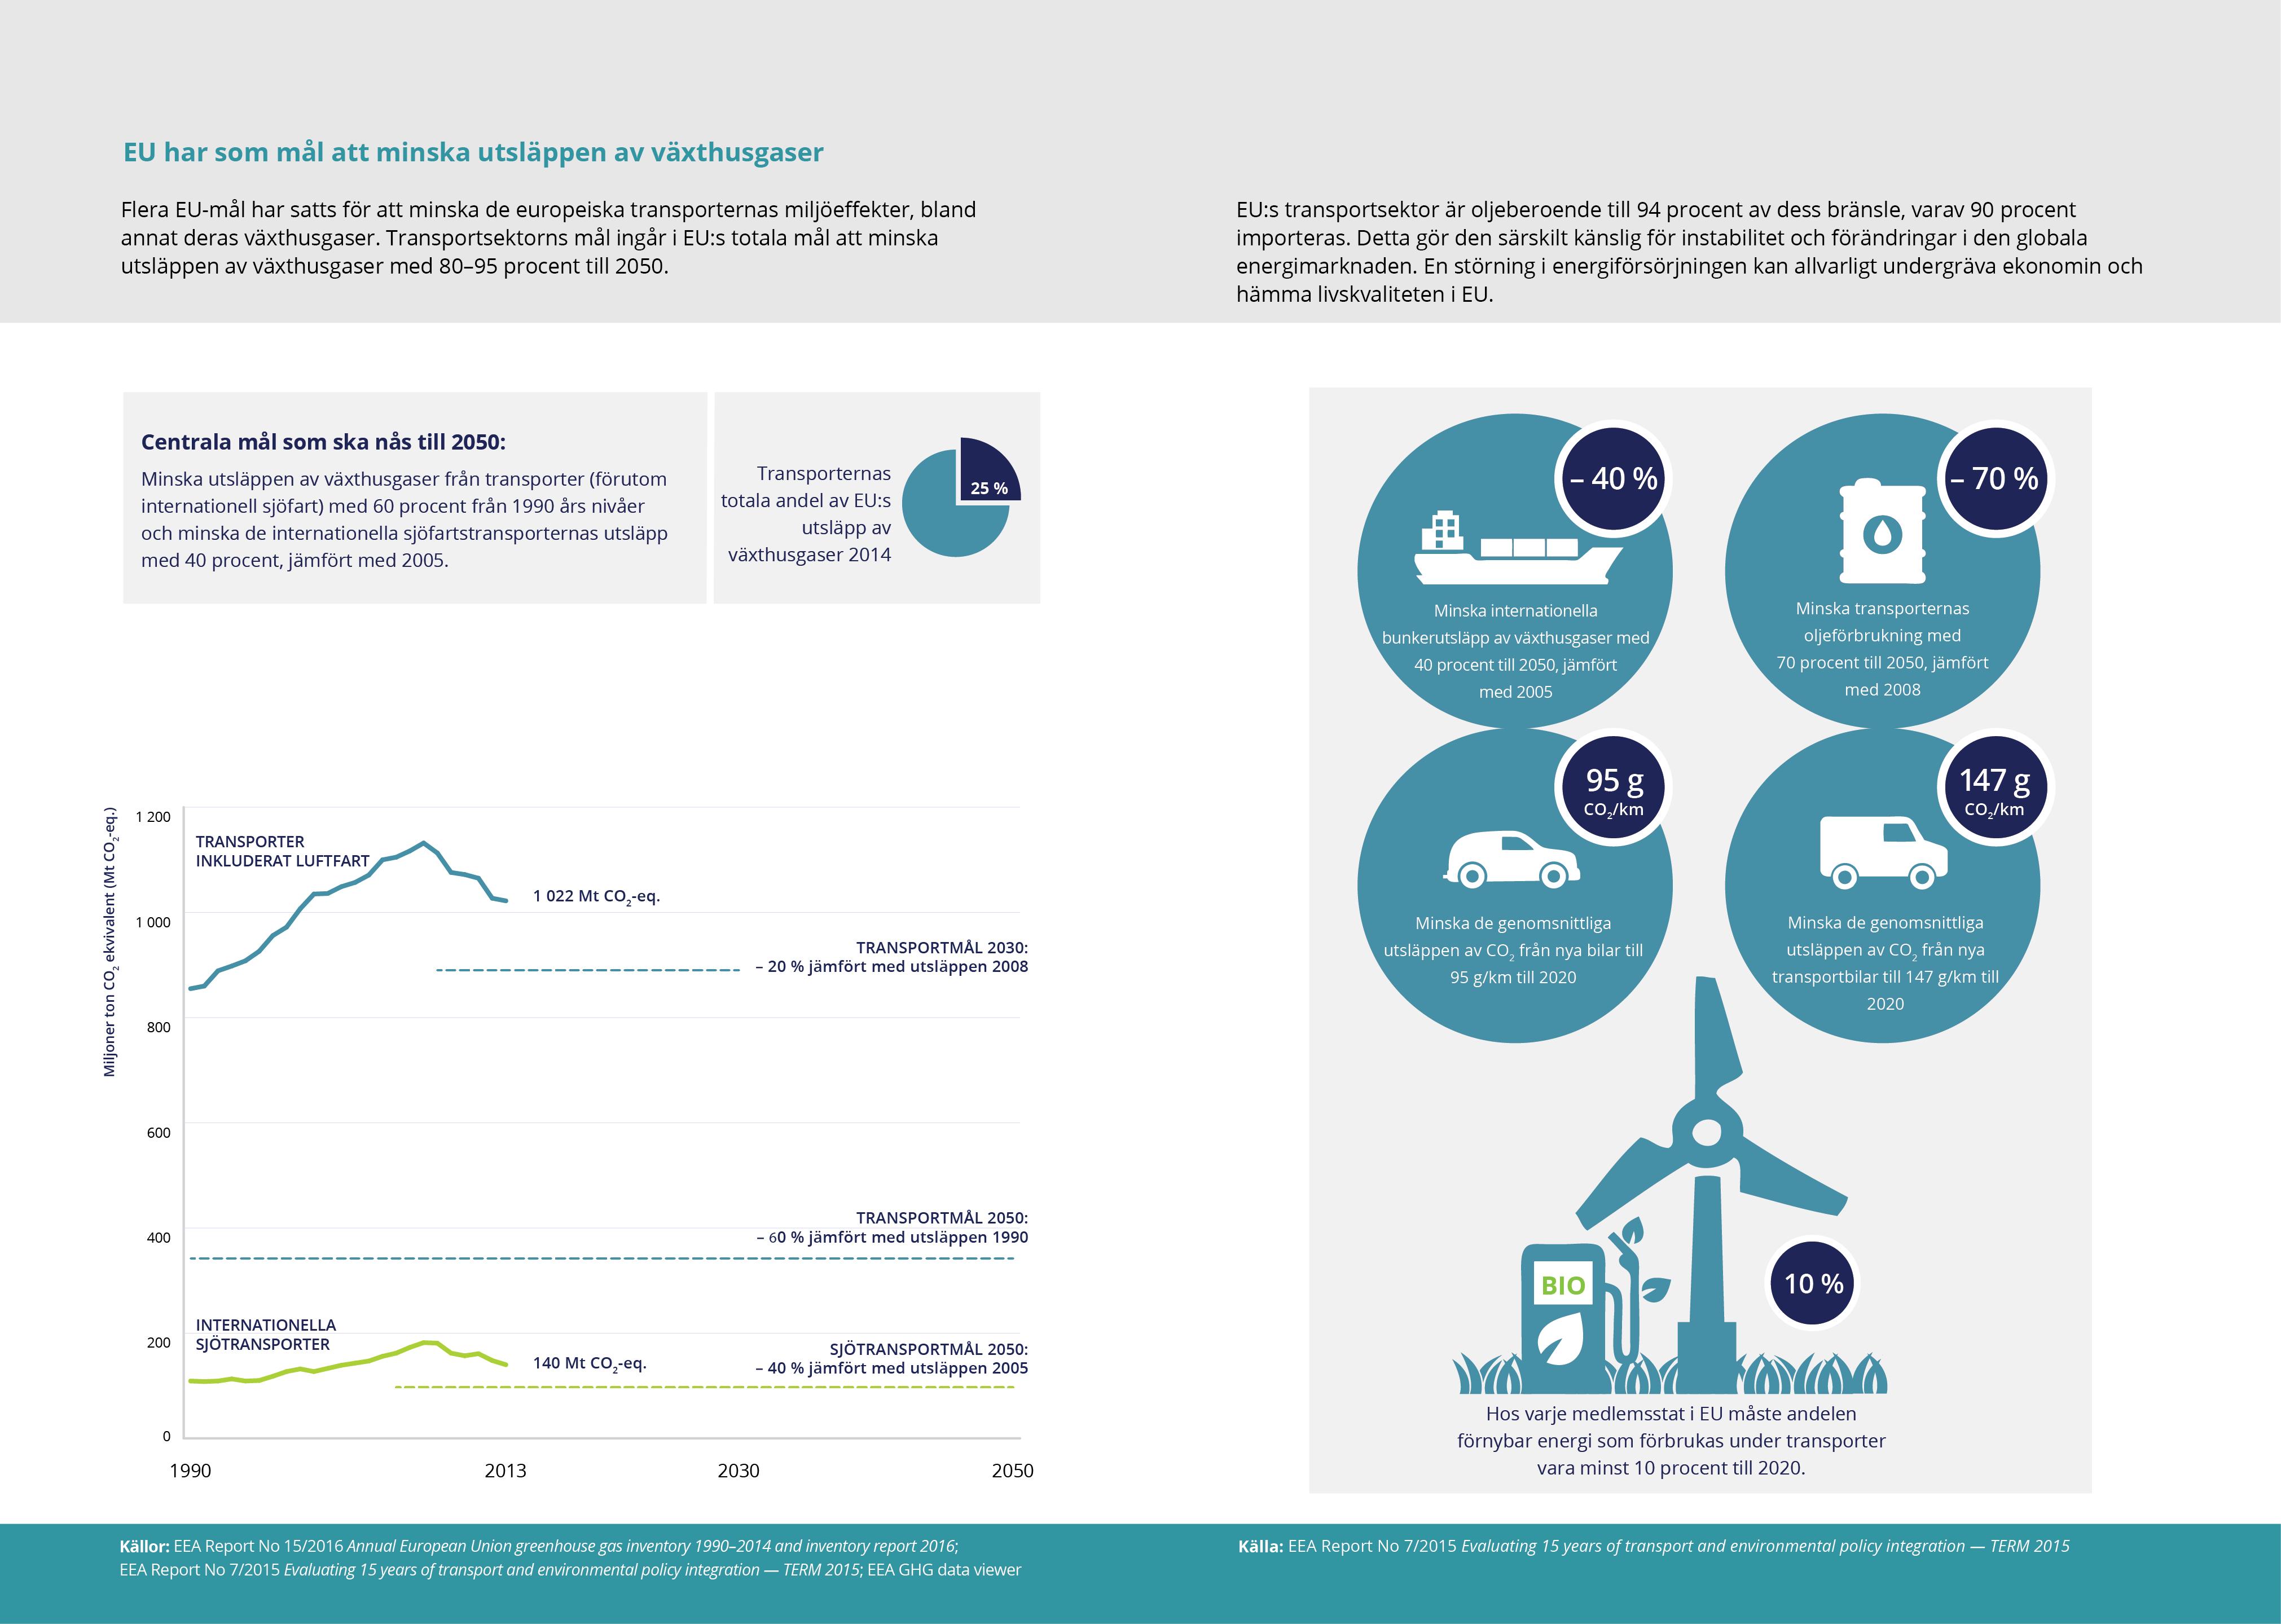 EU har som mål att minska utsläppen av växthusgaser